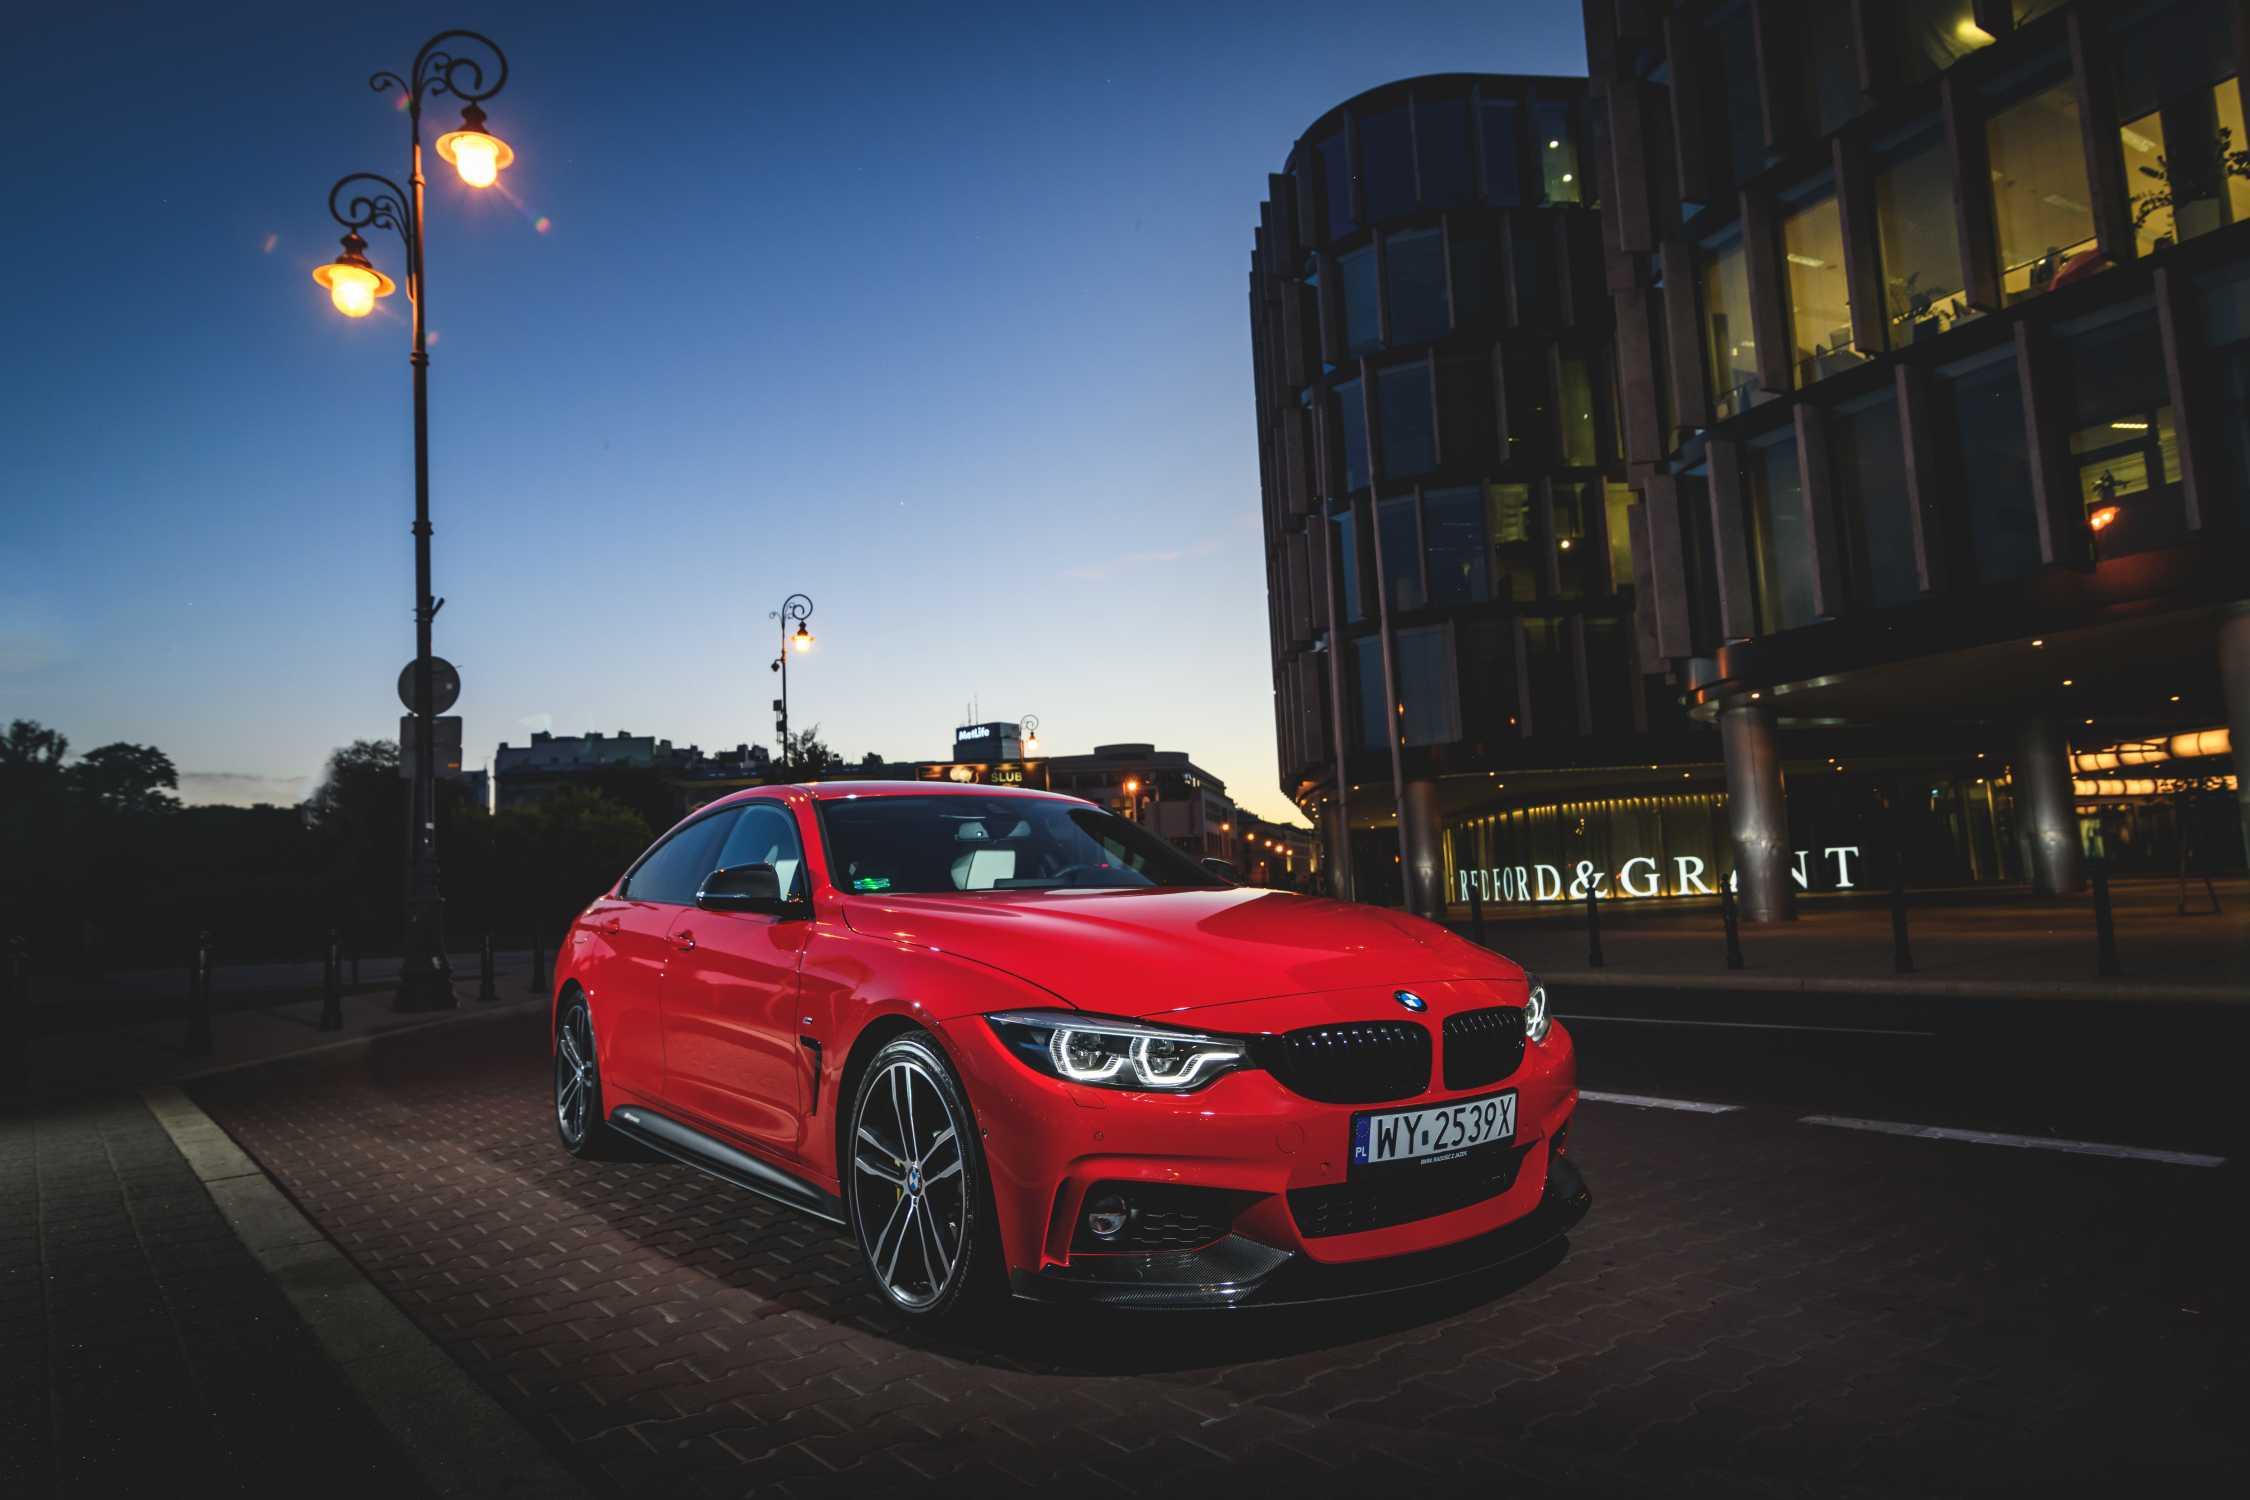 BMW serii 4 Gran Coupé z częściami M Performance dodatkowe zdjęcia